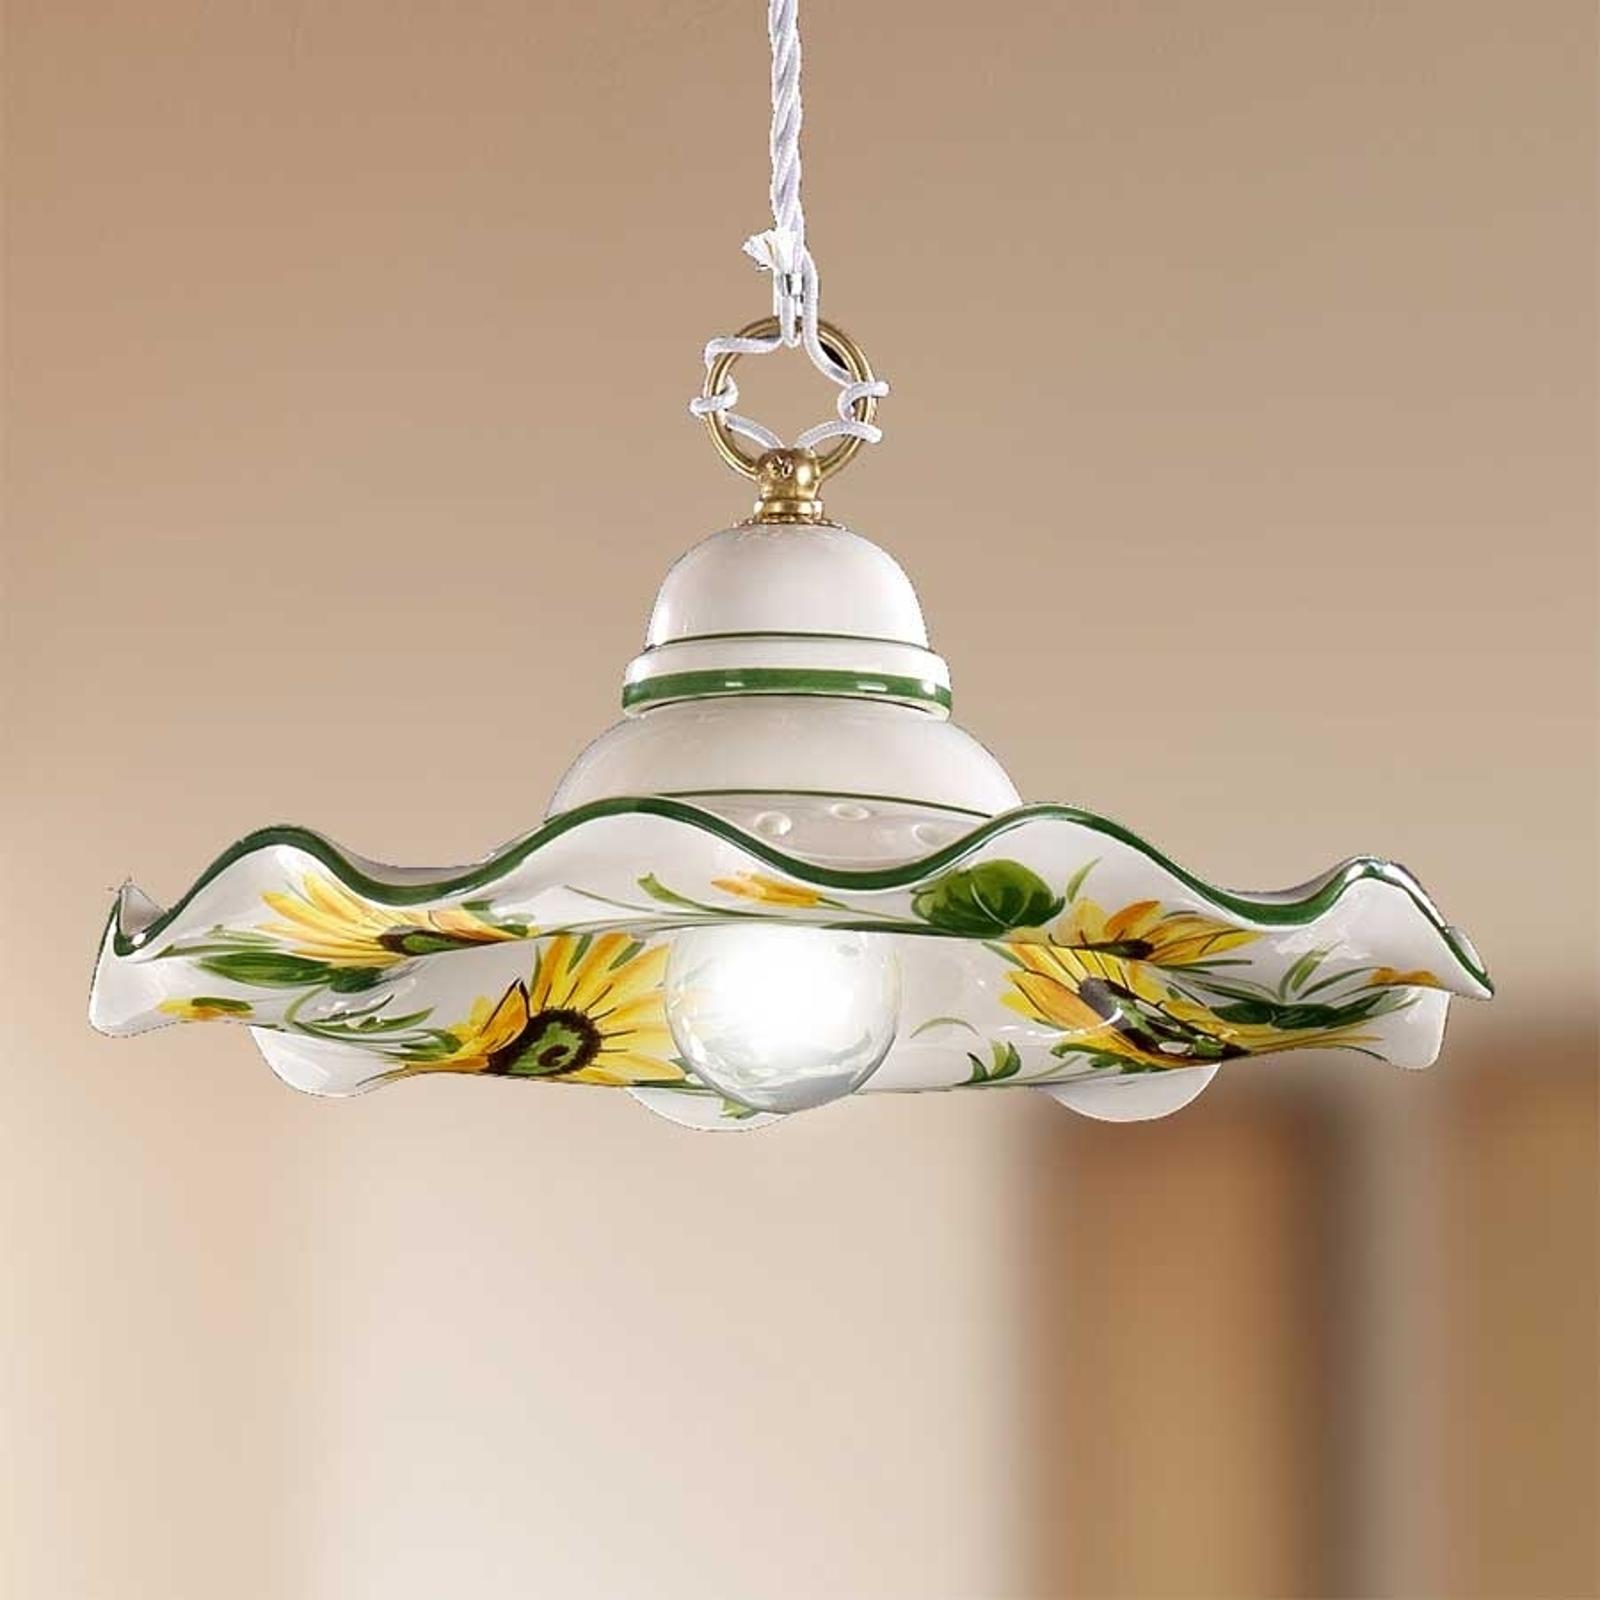 Lampa wisząca GIRASOLA w stylu dworkowym 32 cm